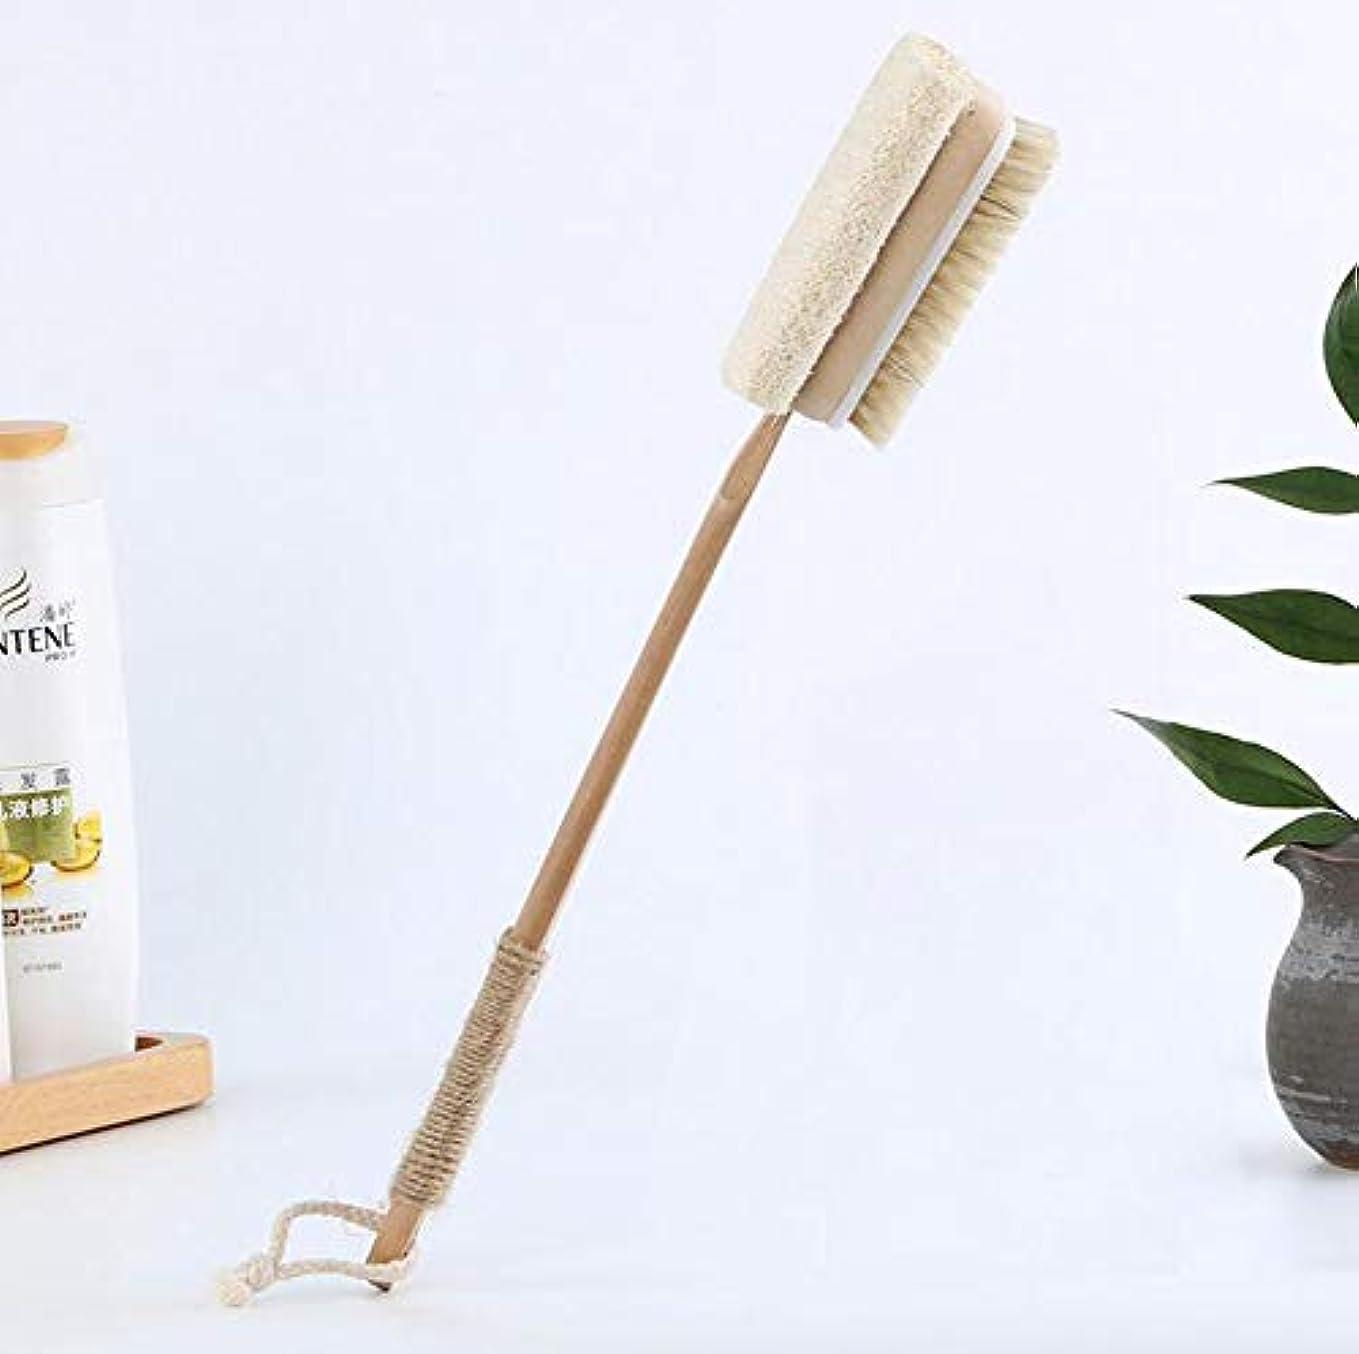 駐地犯す対処するバスブラシ、長い木製ハンドルドライブラシボディブラシバスブラシ長いハンドル、皮膚やセルライトを剥離するため、ウェットまたはドライ使用